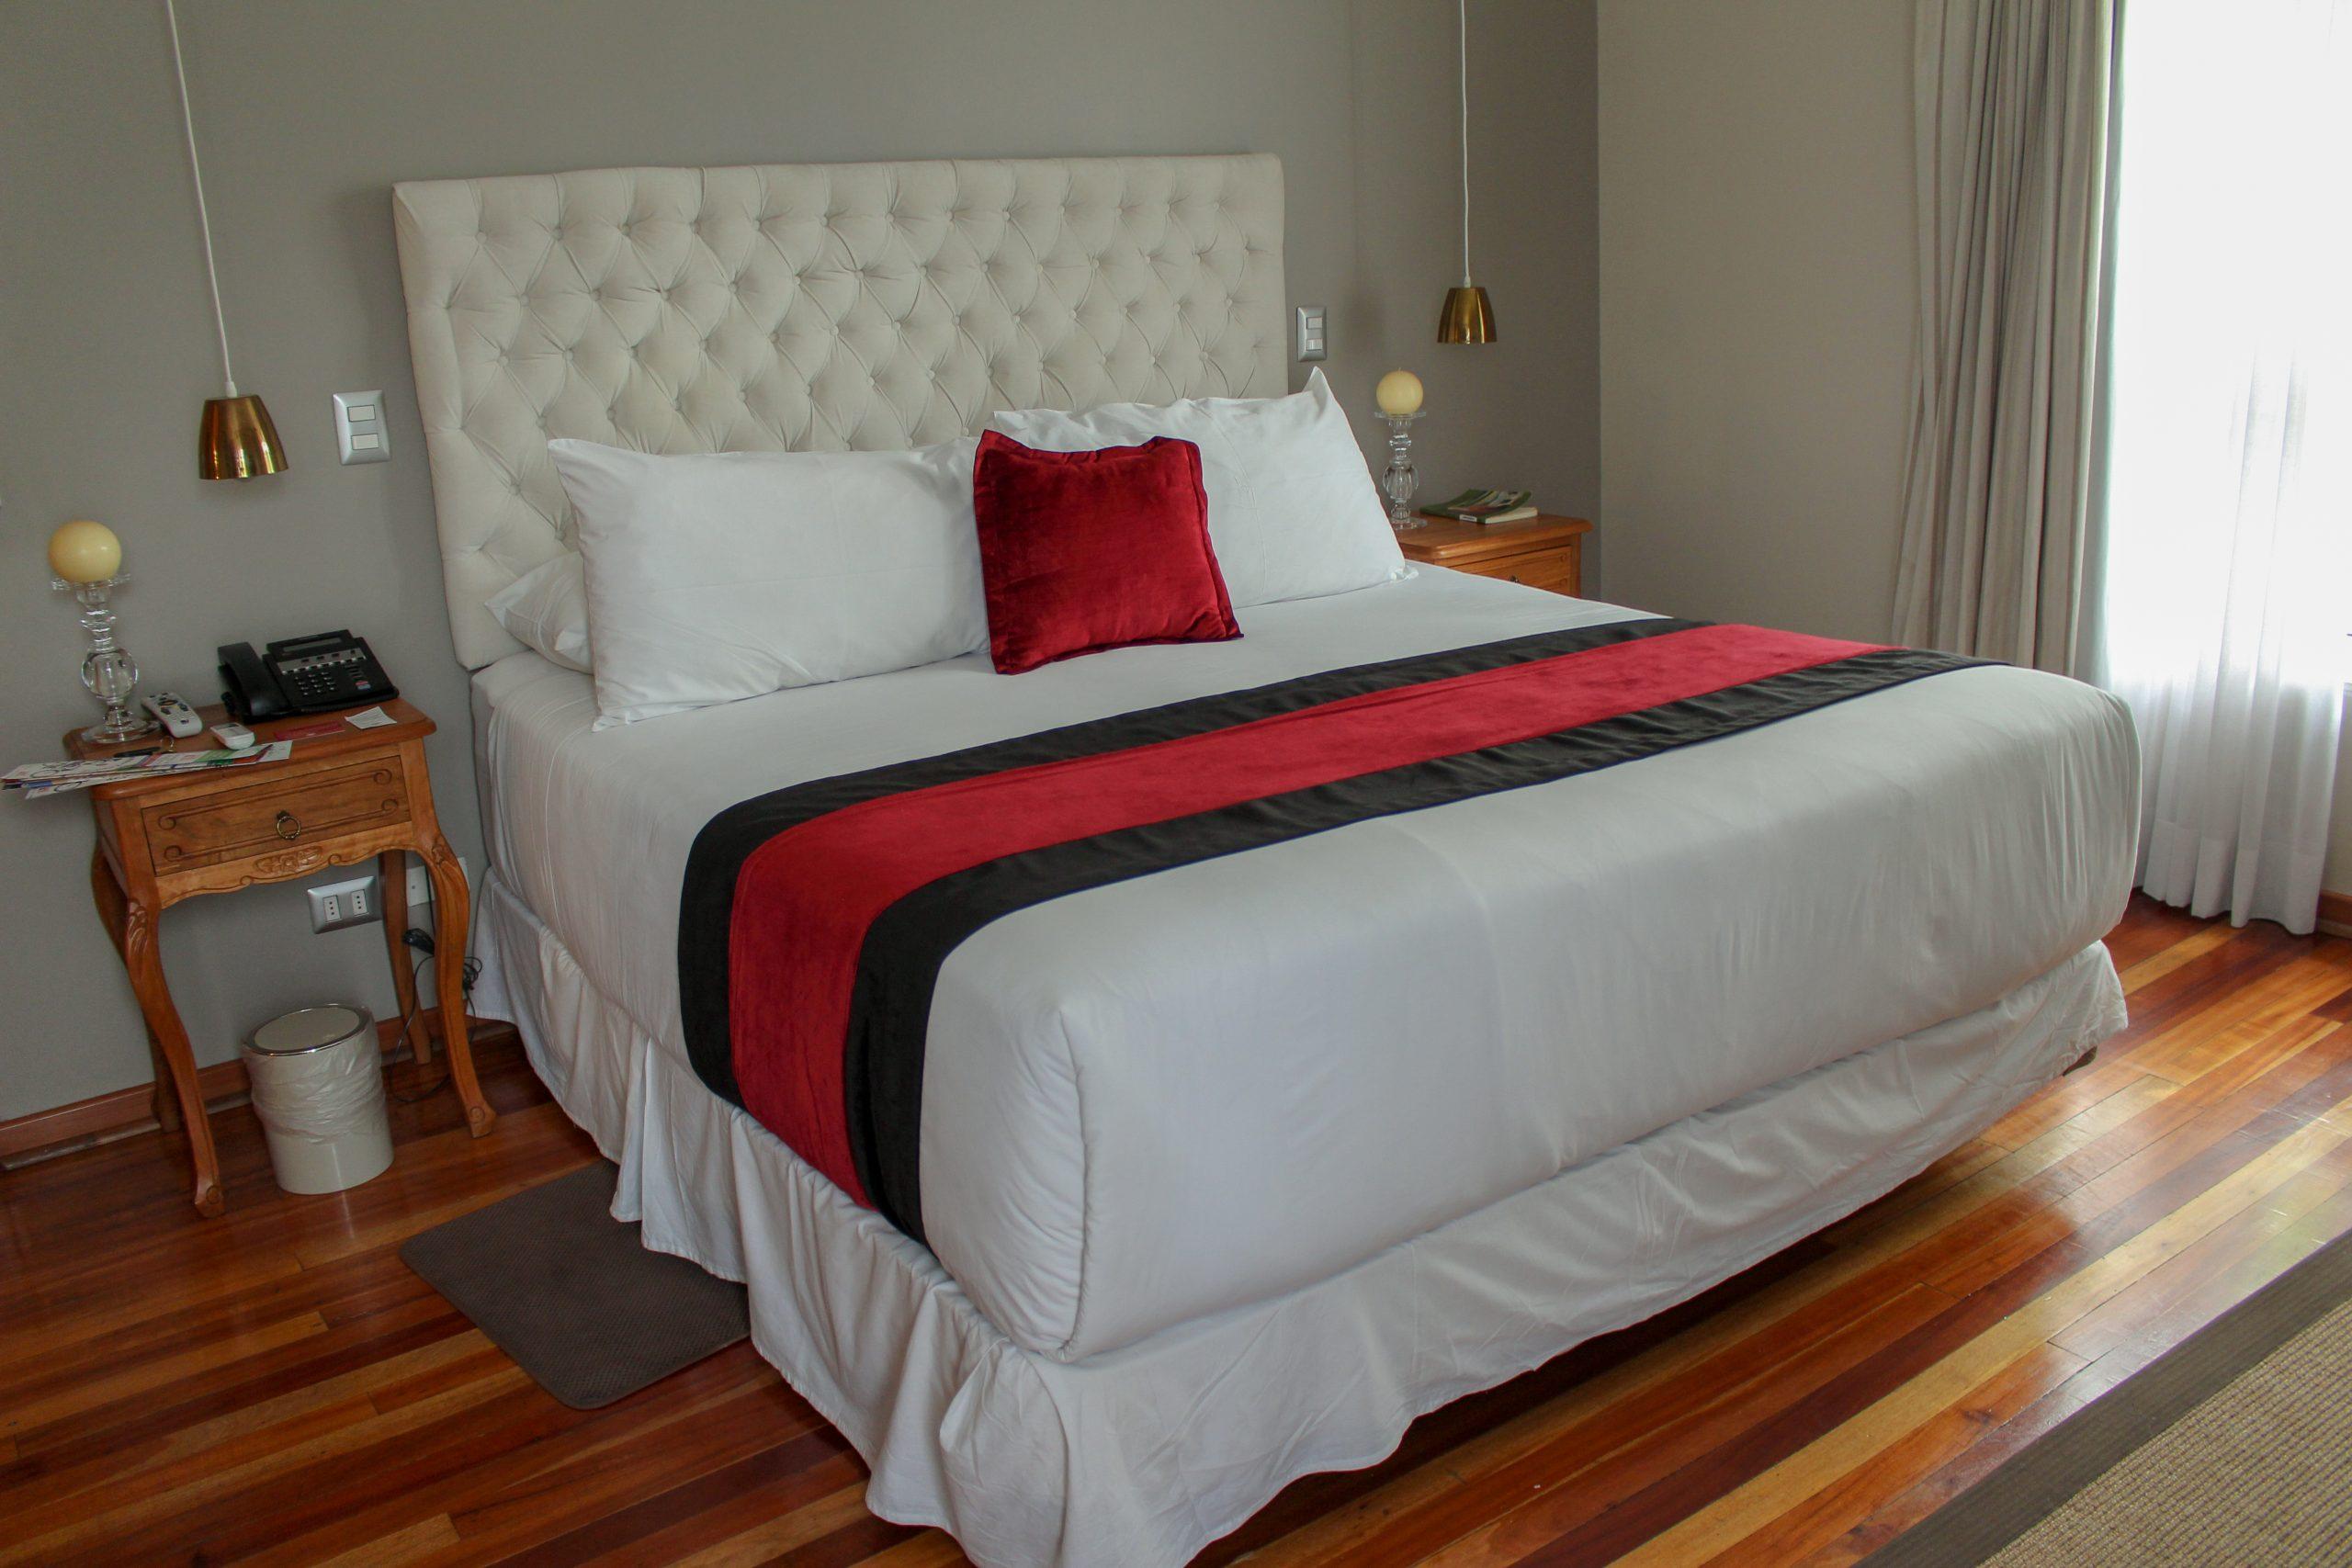 quiral_boutique_hotel_quarto